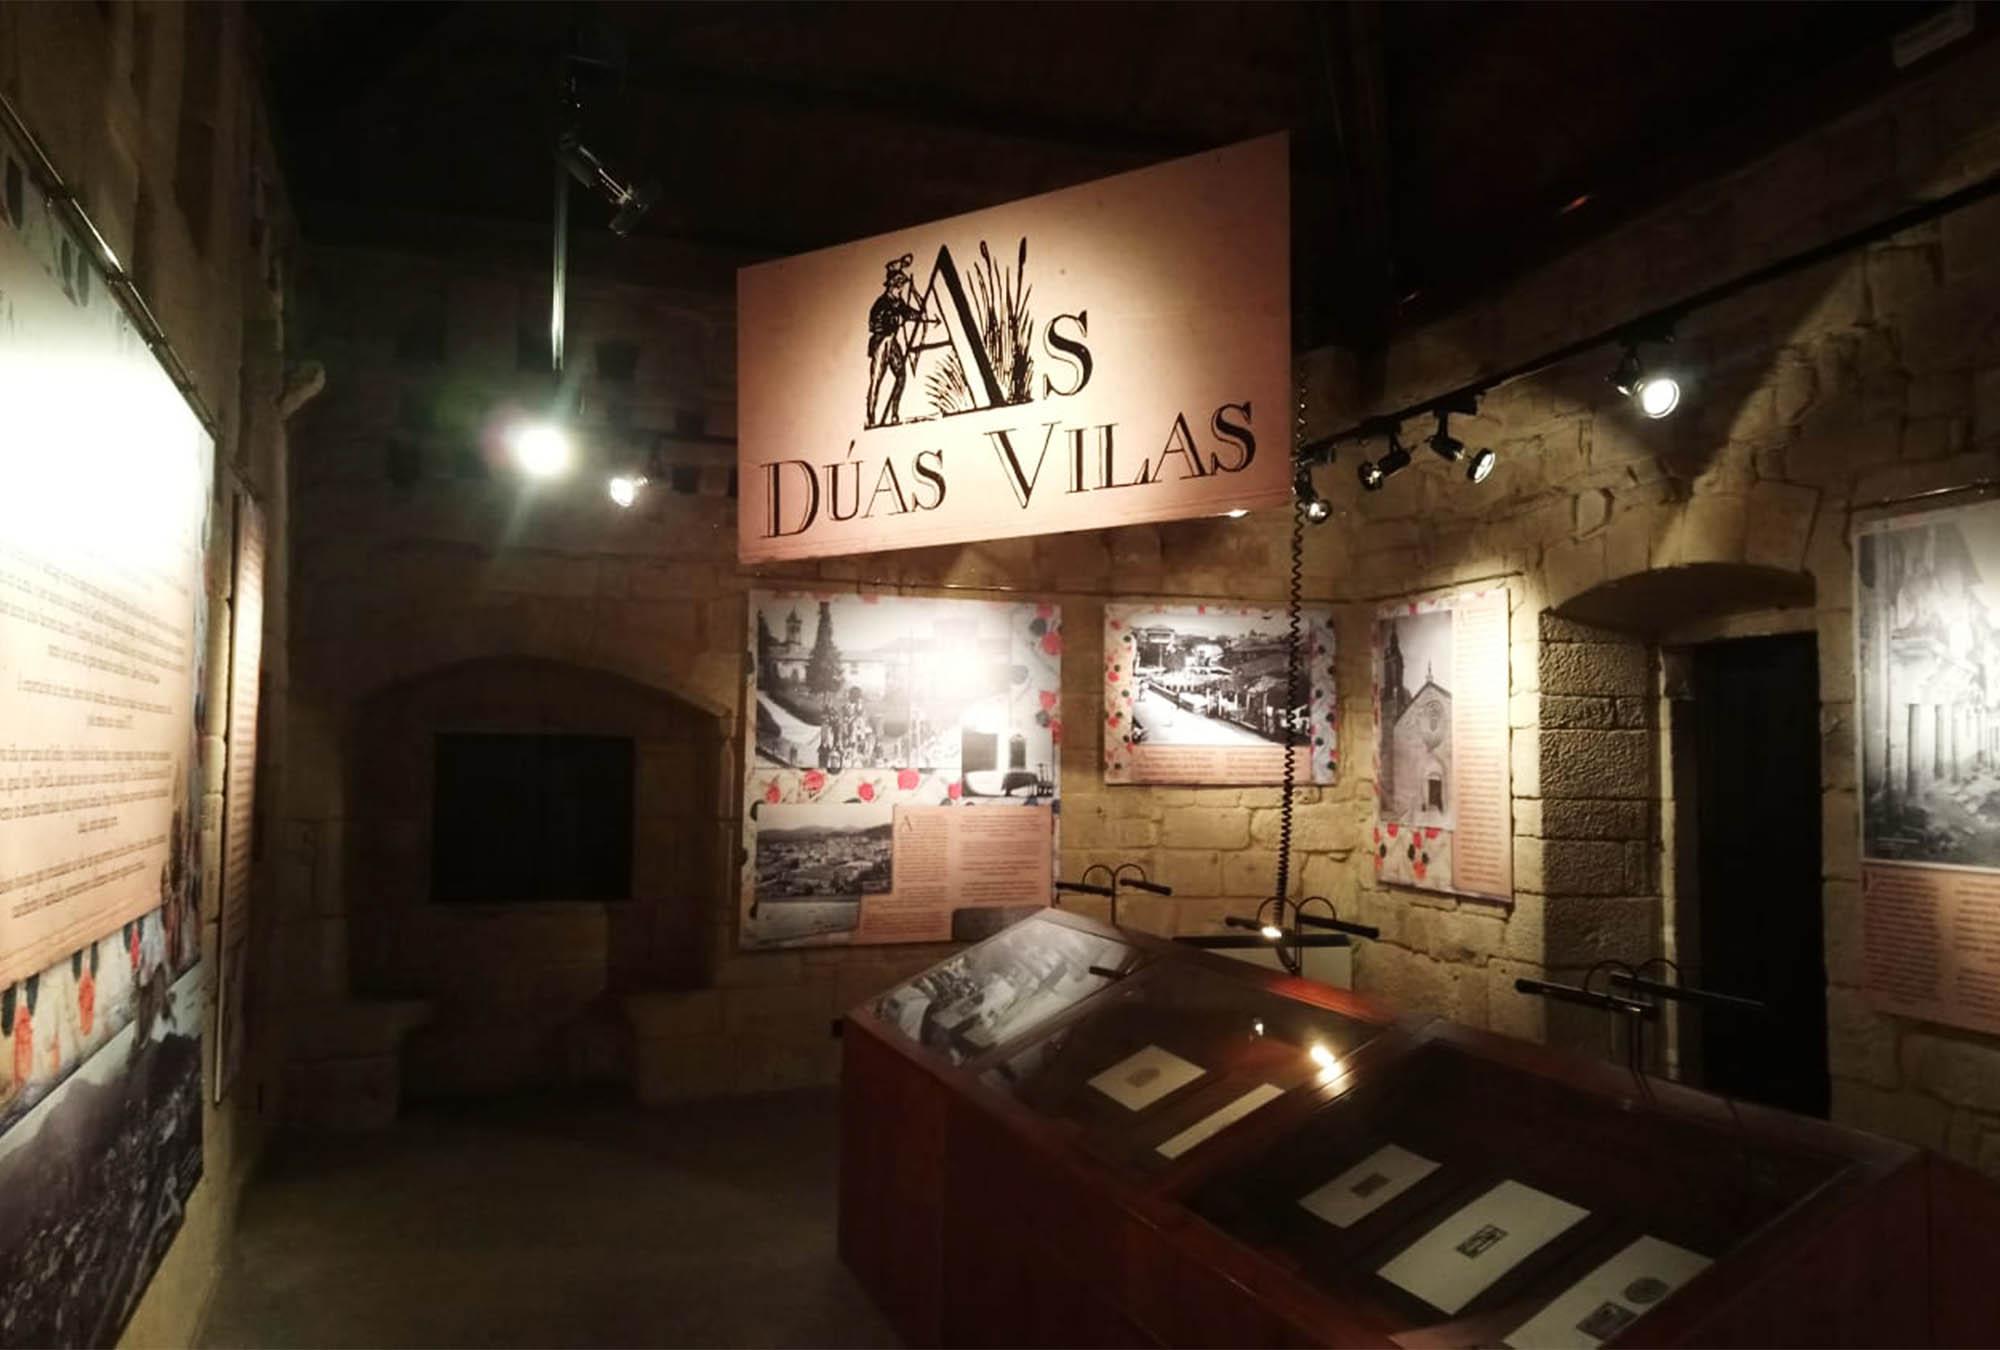 Exposiciones Cultura Turismo Redondela Pontevedra Diseño Publicidad Marketing